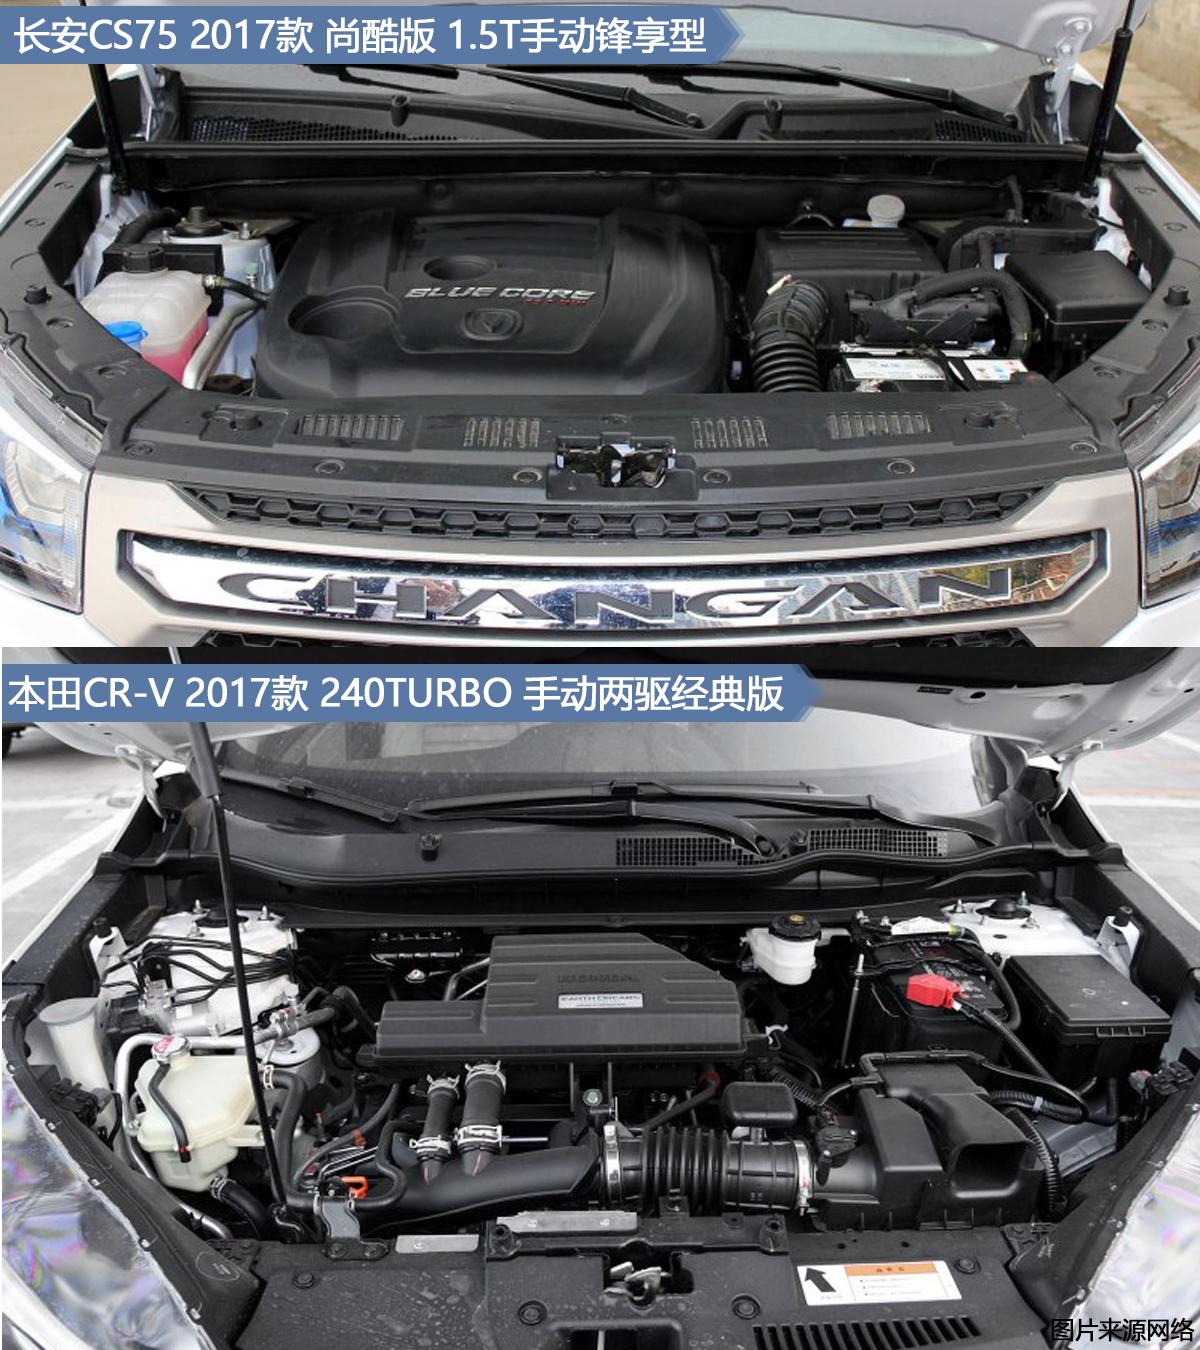 CS75和CRV发动机图.jpg